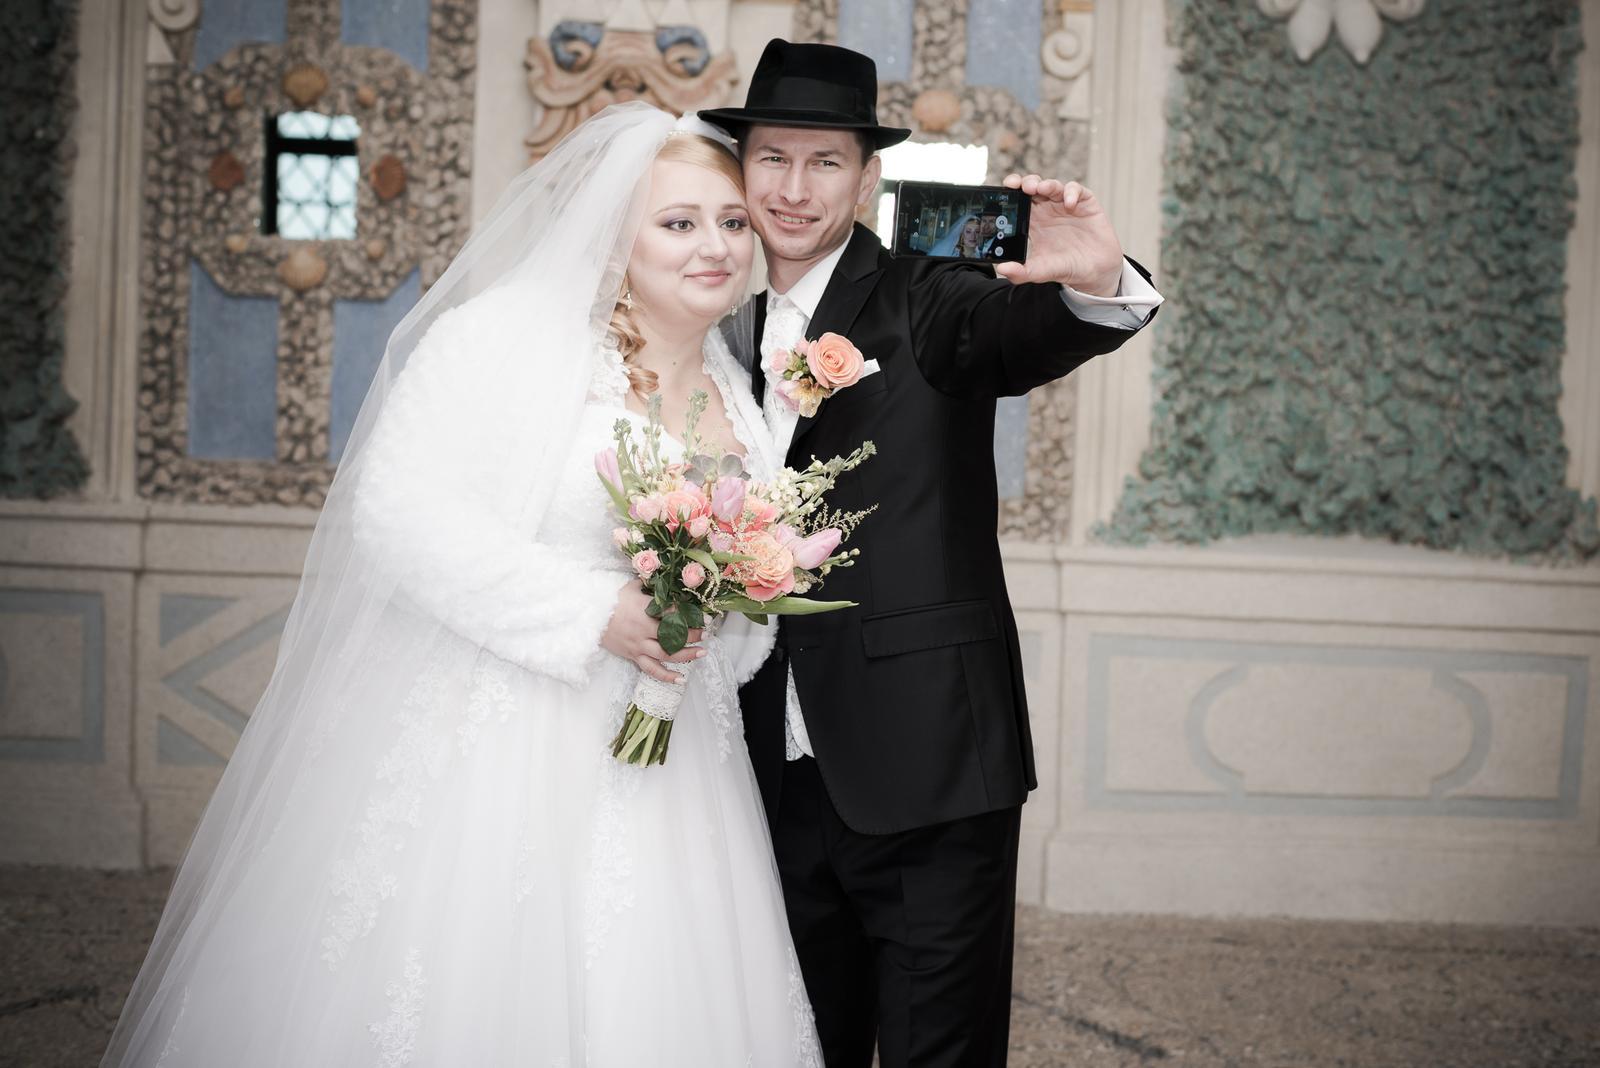 naša svadobná #selfie zachytená... - Obrázok č. 1